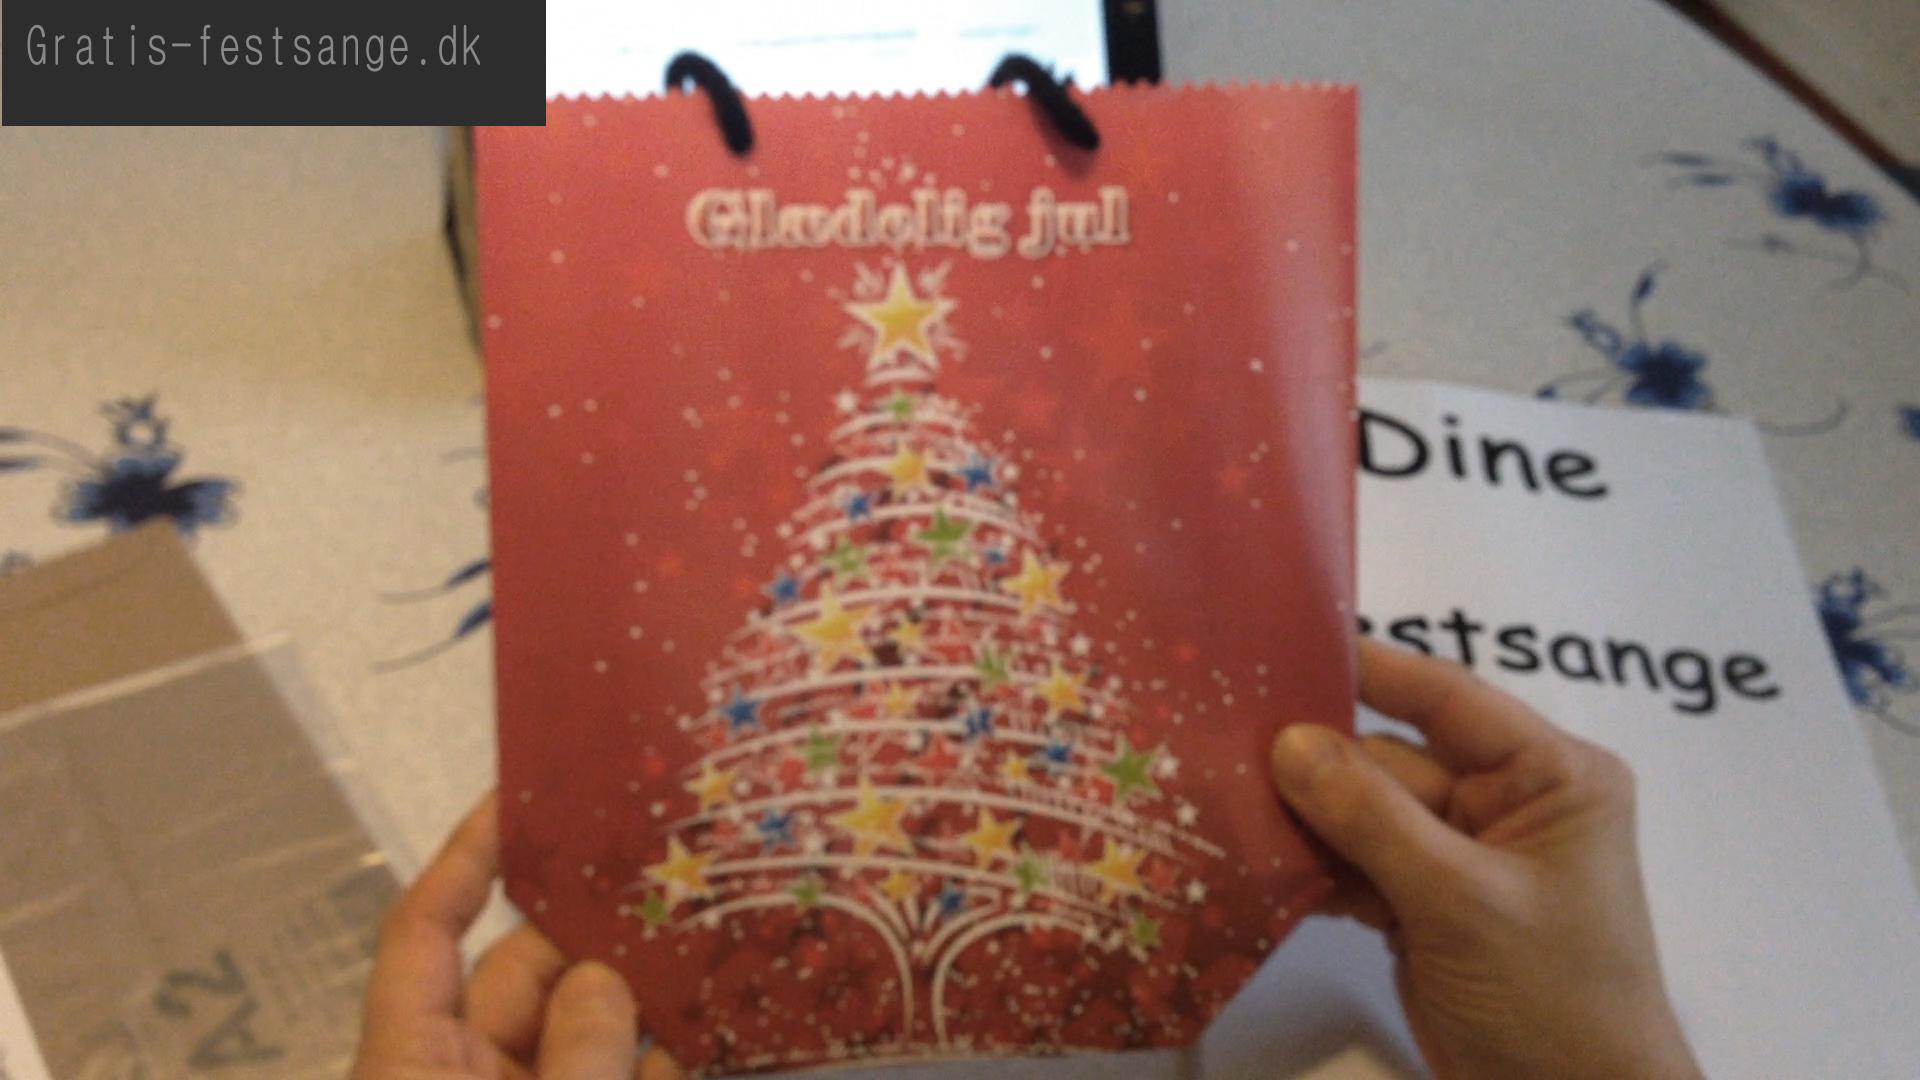 Sang skjuler eller gave pose til julesange nr 8 - universal width=